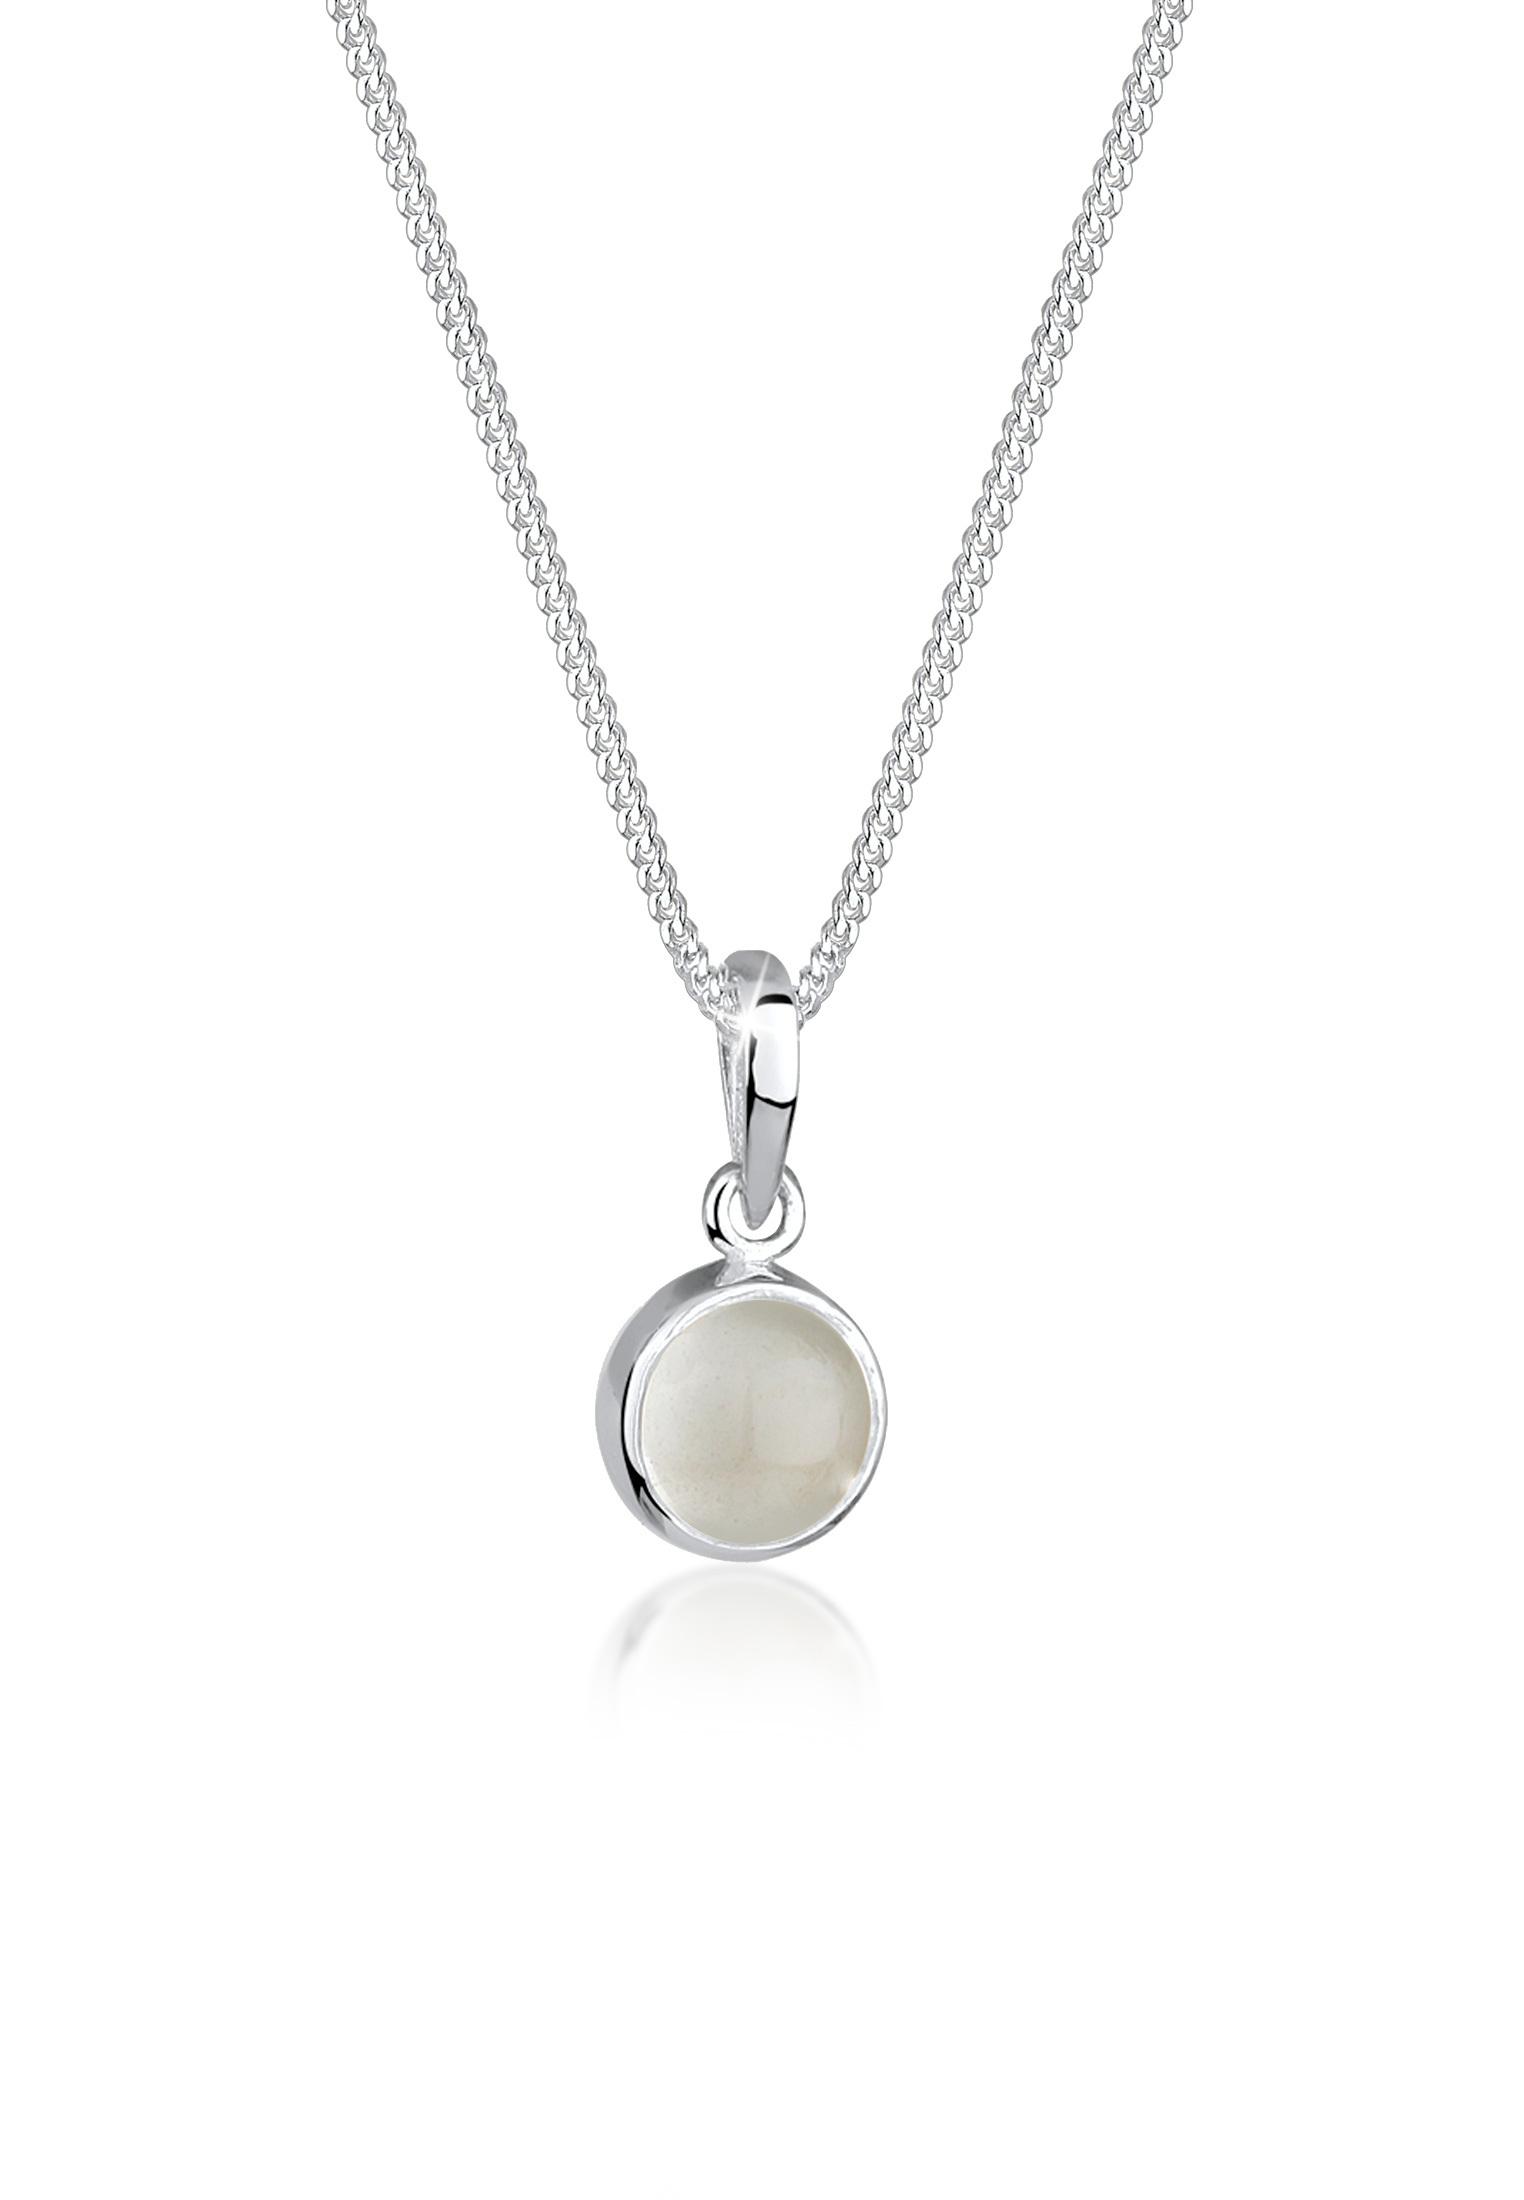 Halskette | Mondstein ( Weiß ) | 925er Sterling Silber